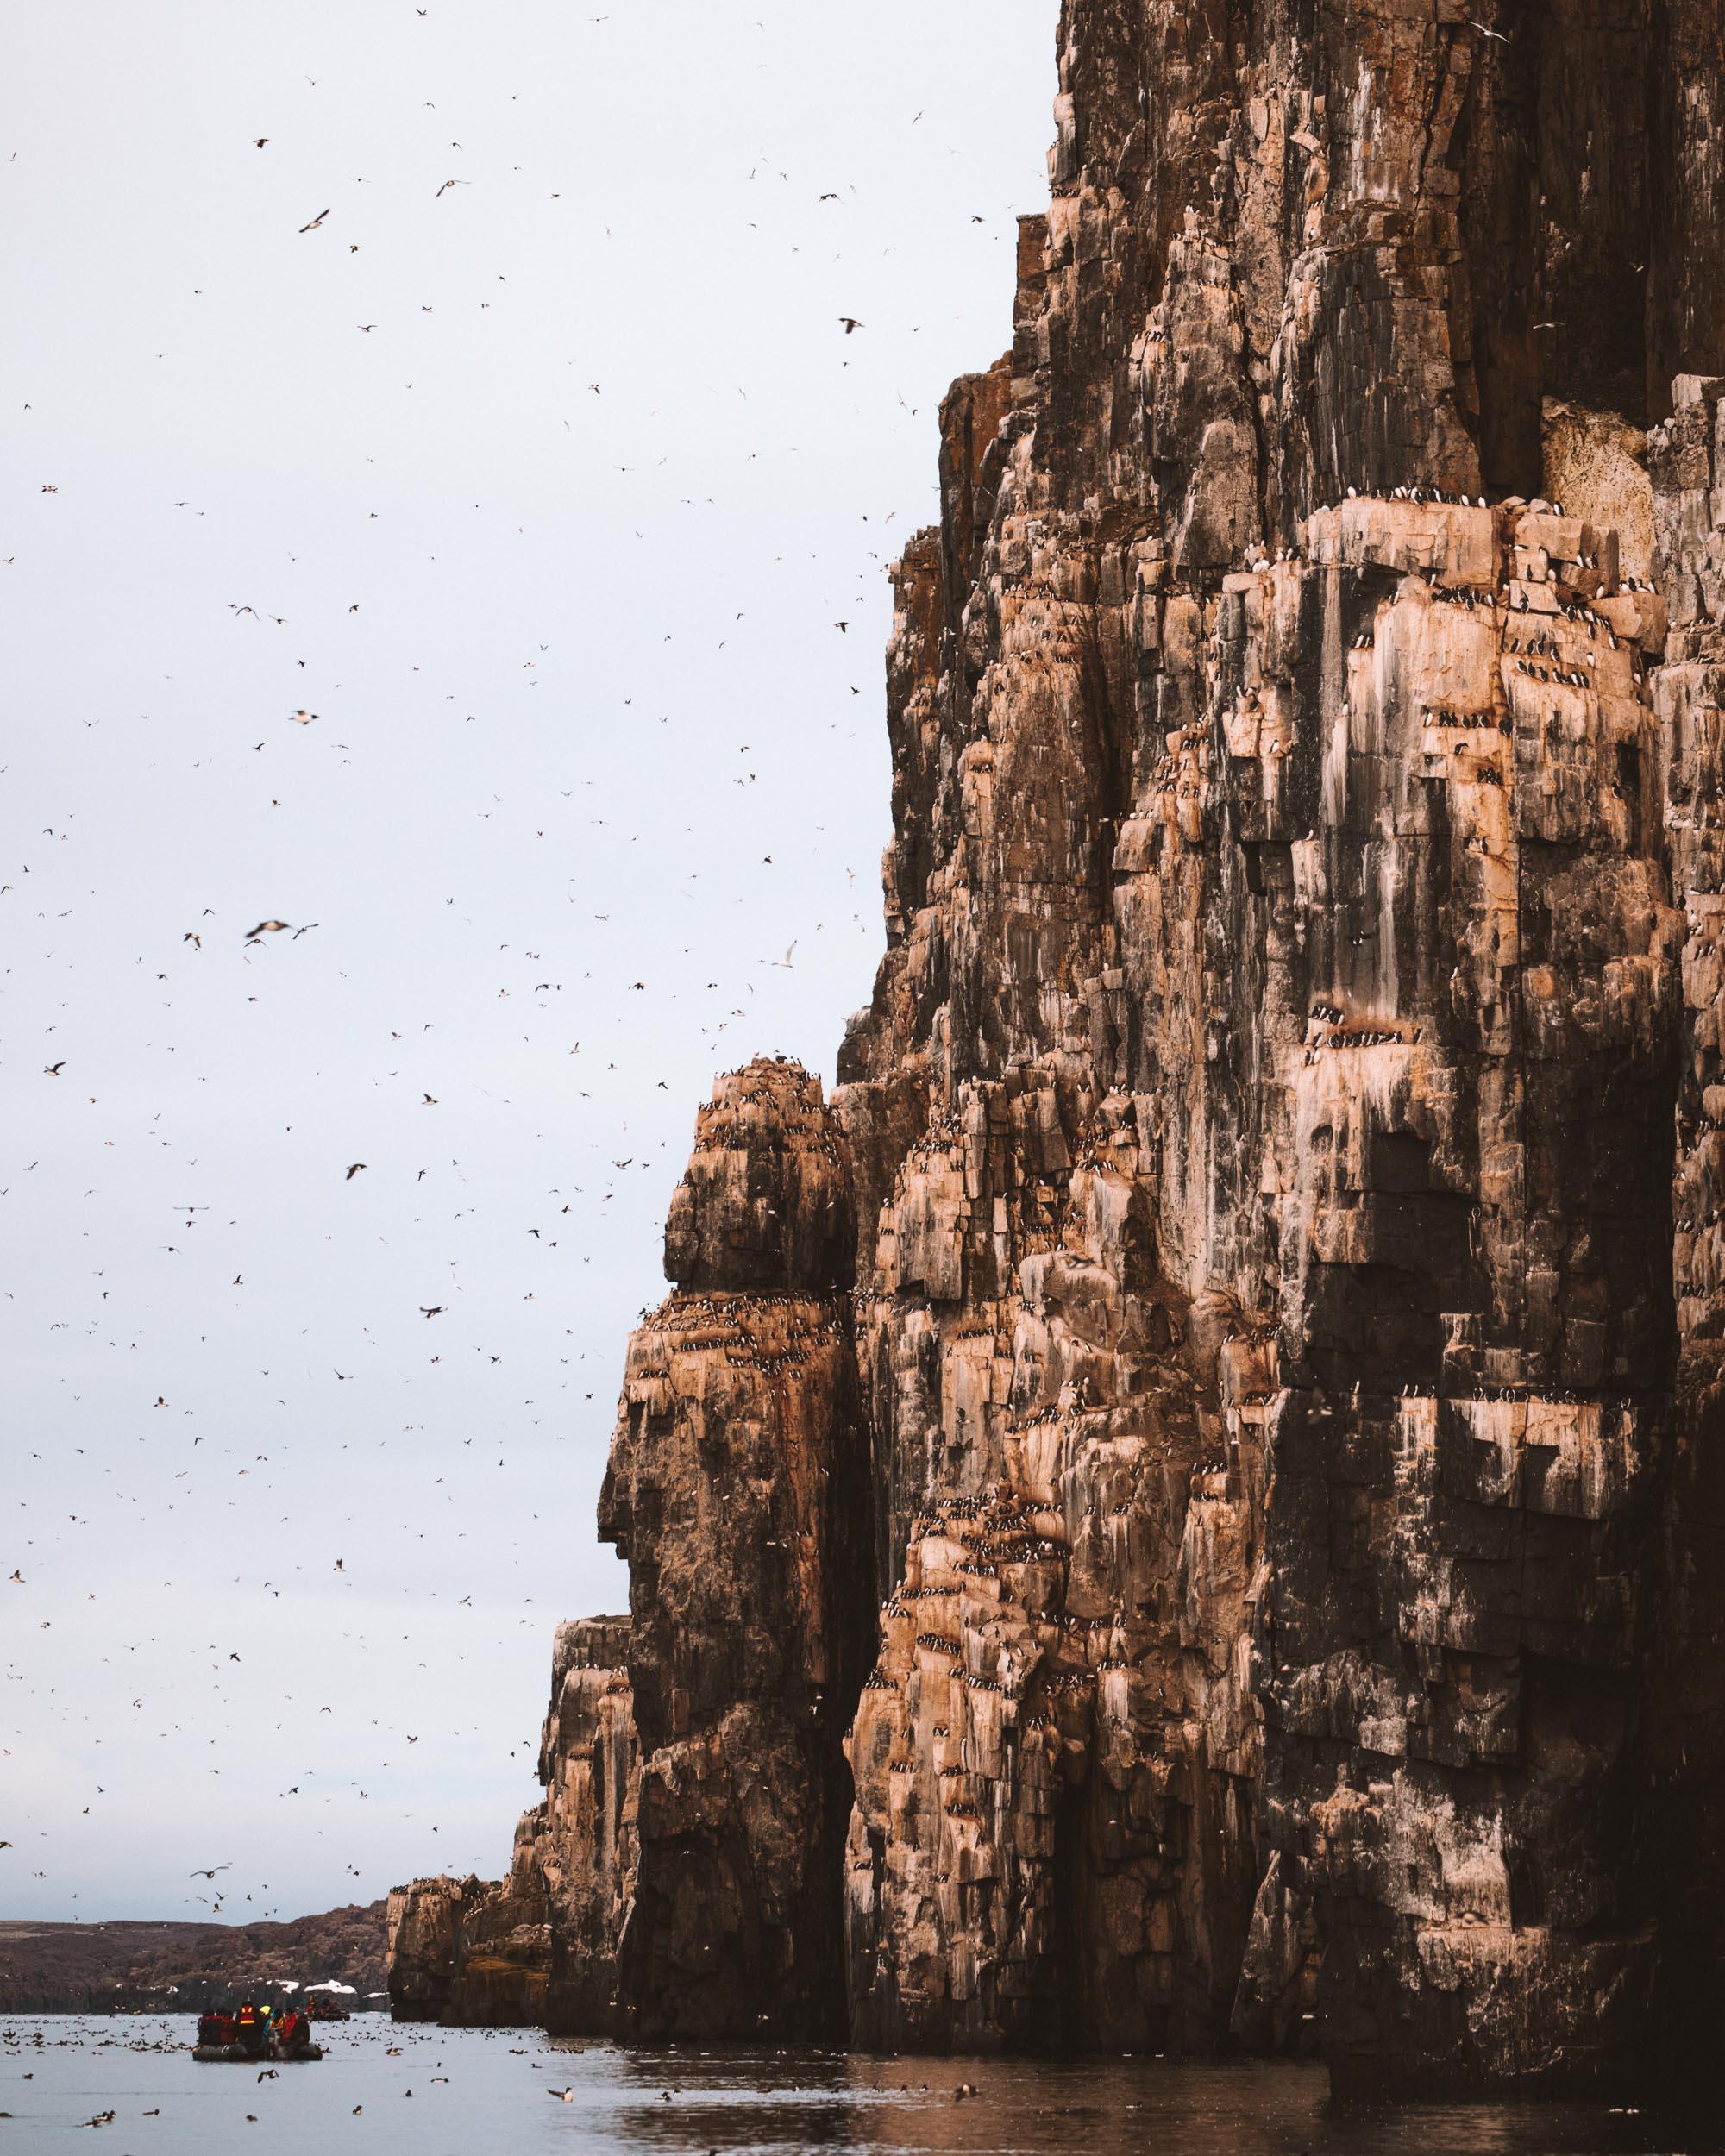 Alkefjellet bird cliffs Lomfjordhalvøya in Ny Friesland at Spitsbergen, Svalbard